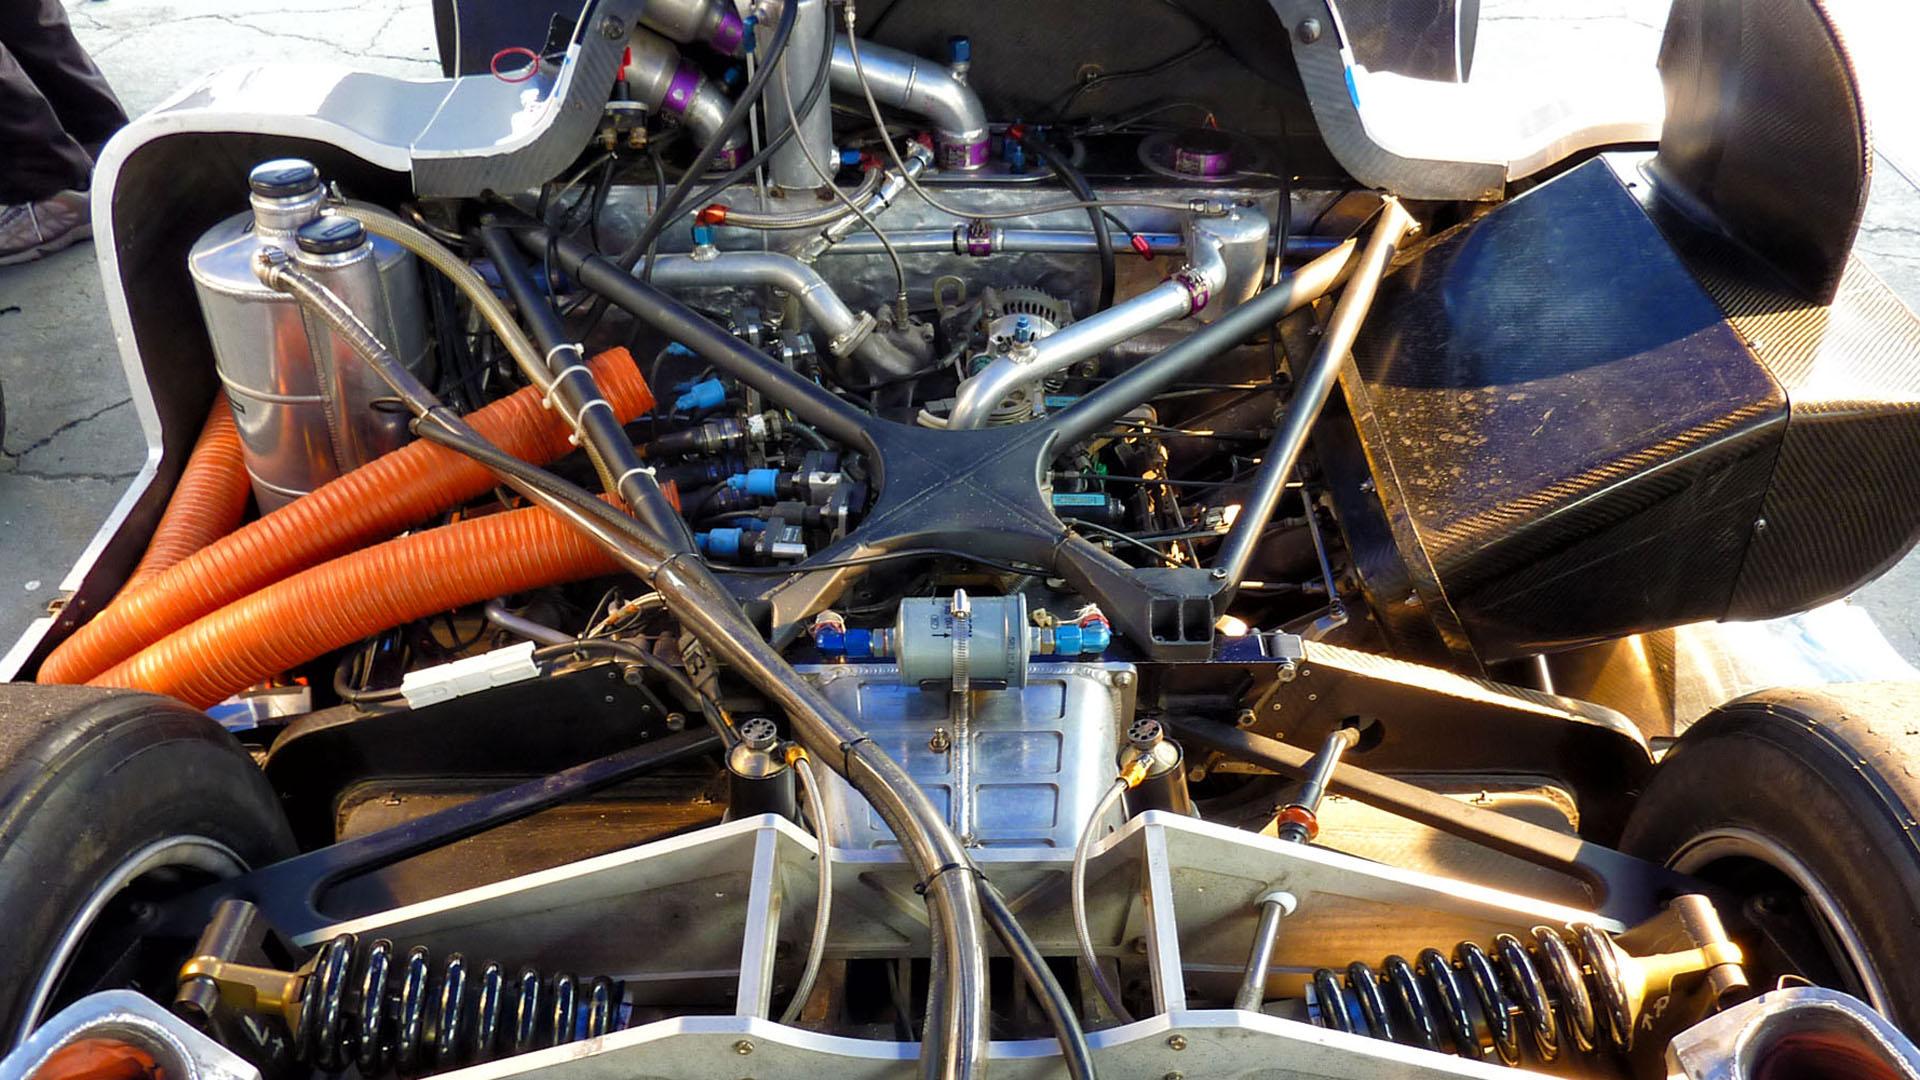 The RX-792P's four-rotor heart. (Image: Marshall Pruett)